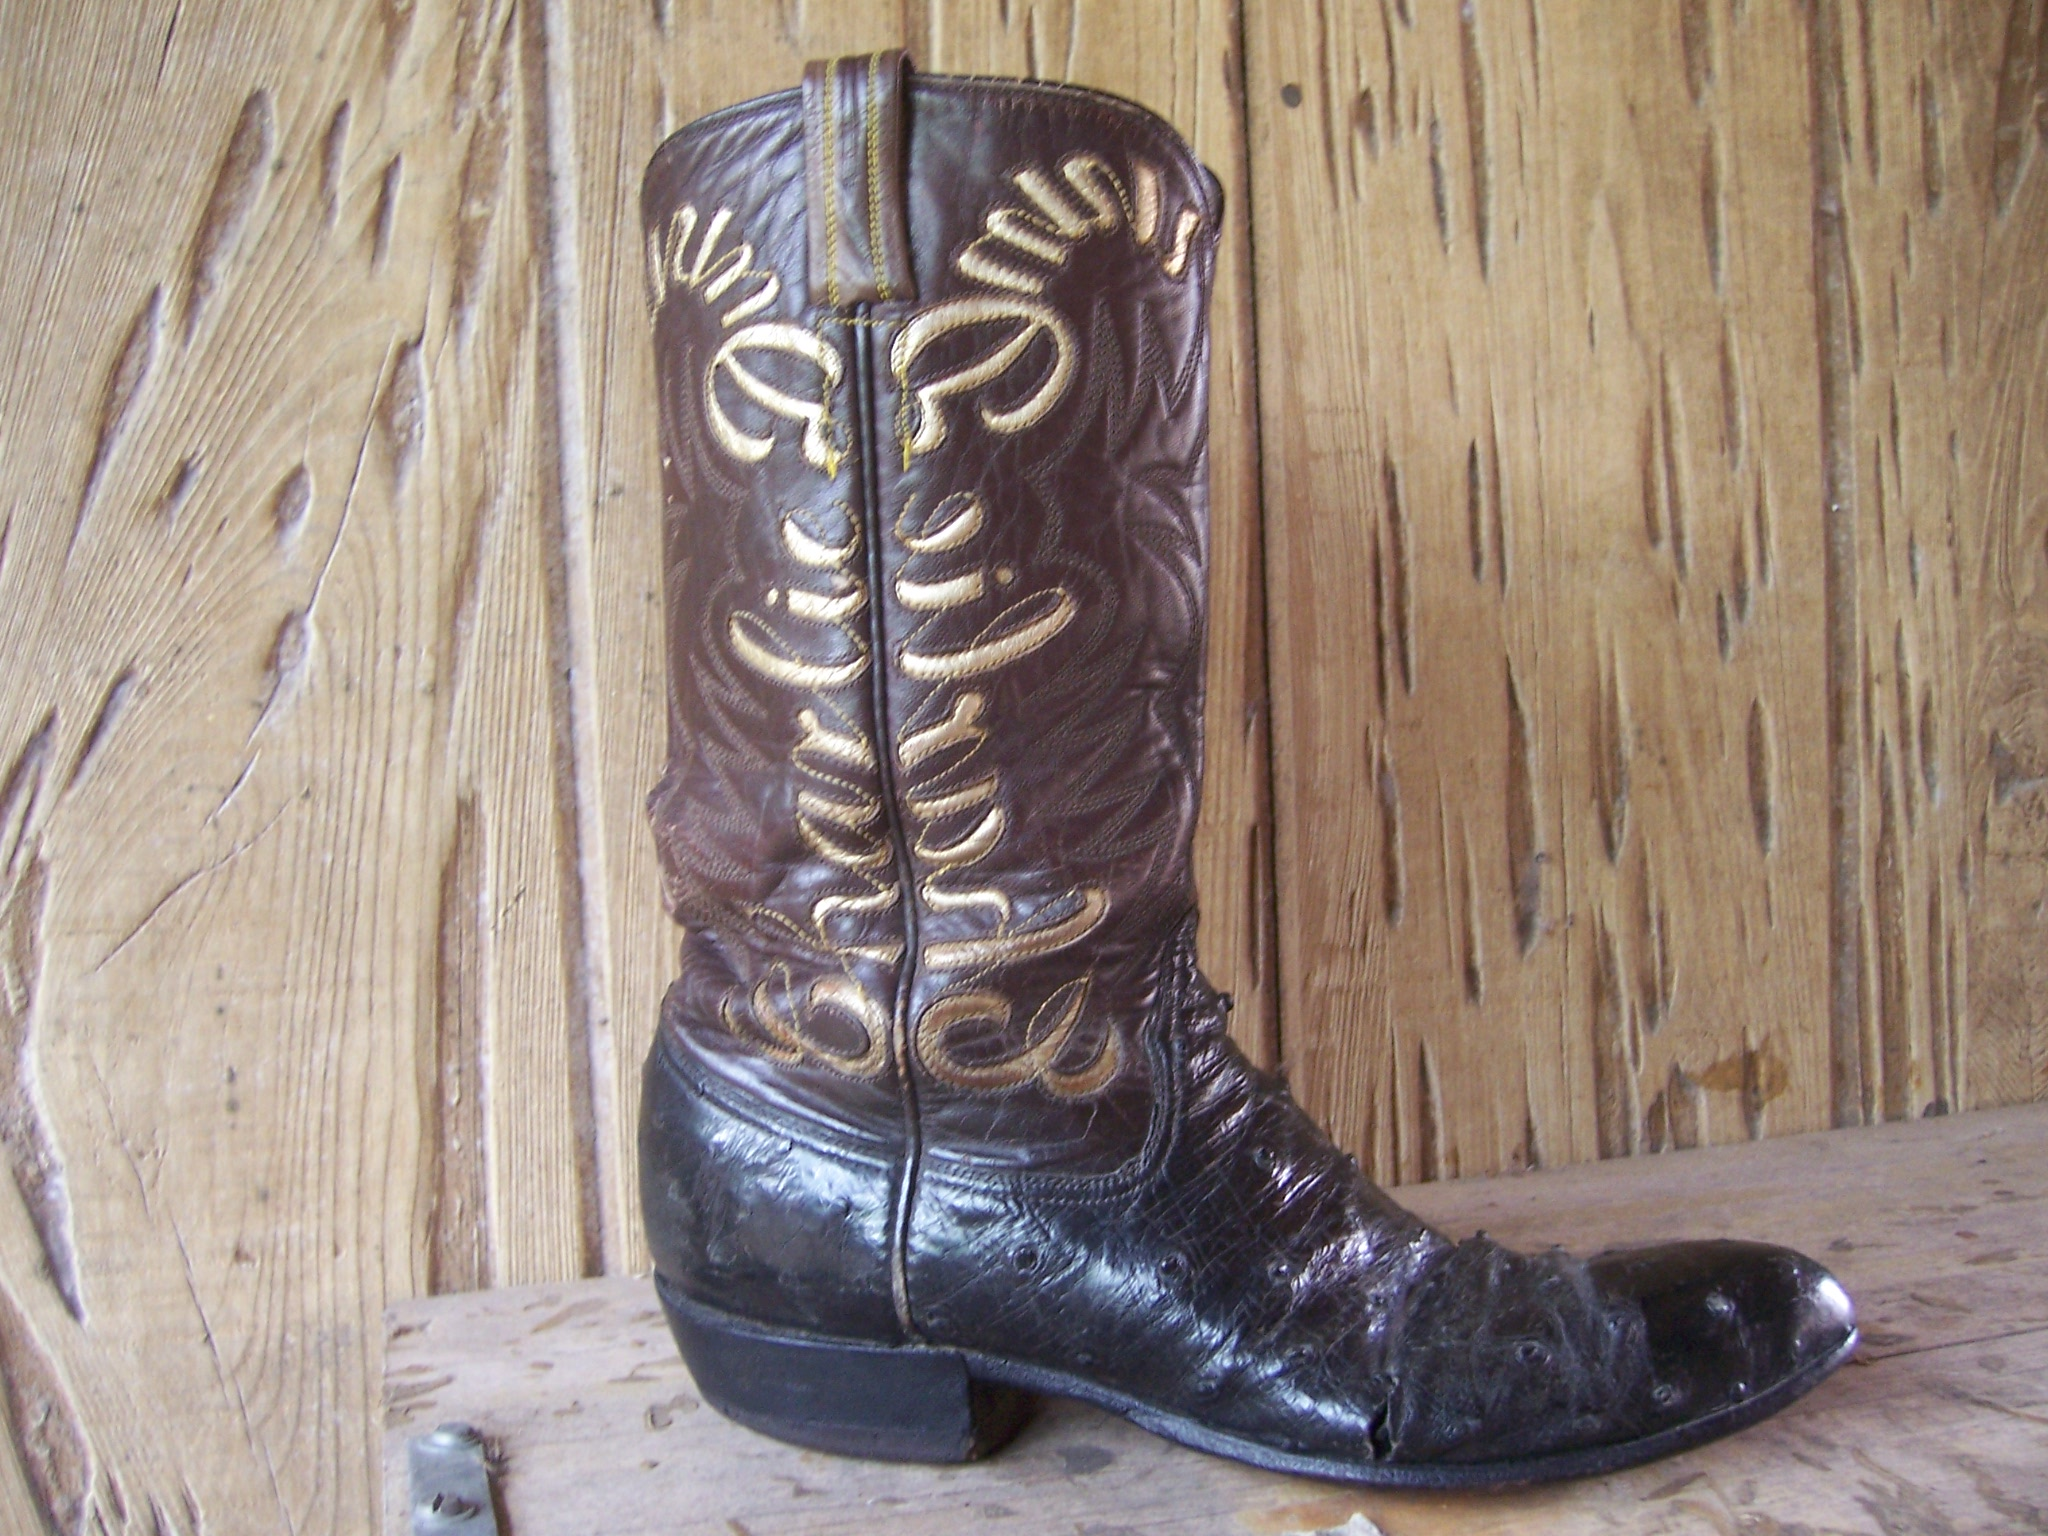 b662dd7d1f6 Cowboy boot - Wikipedia